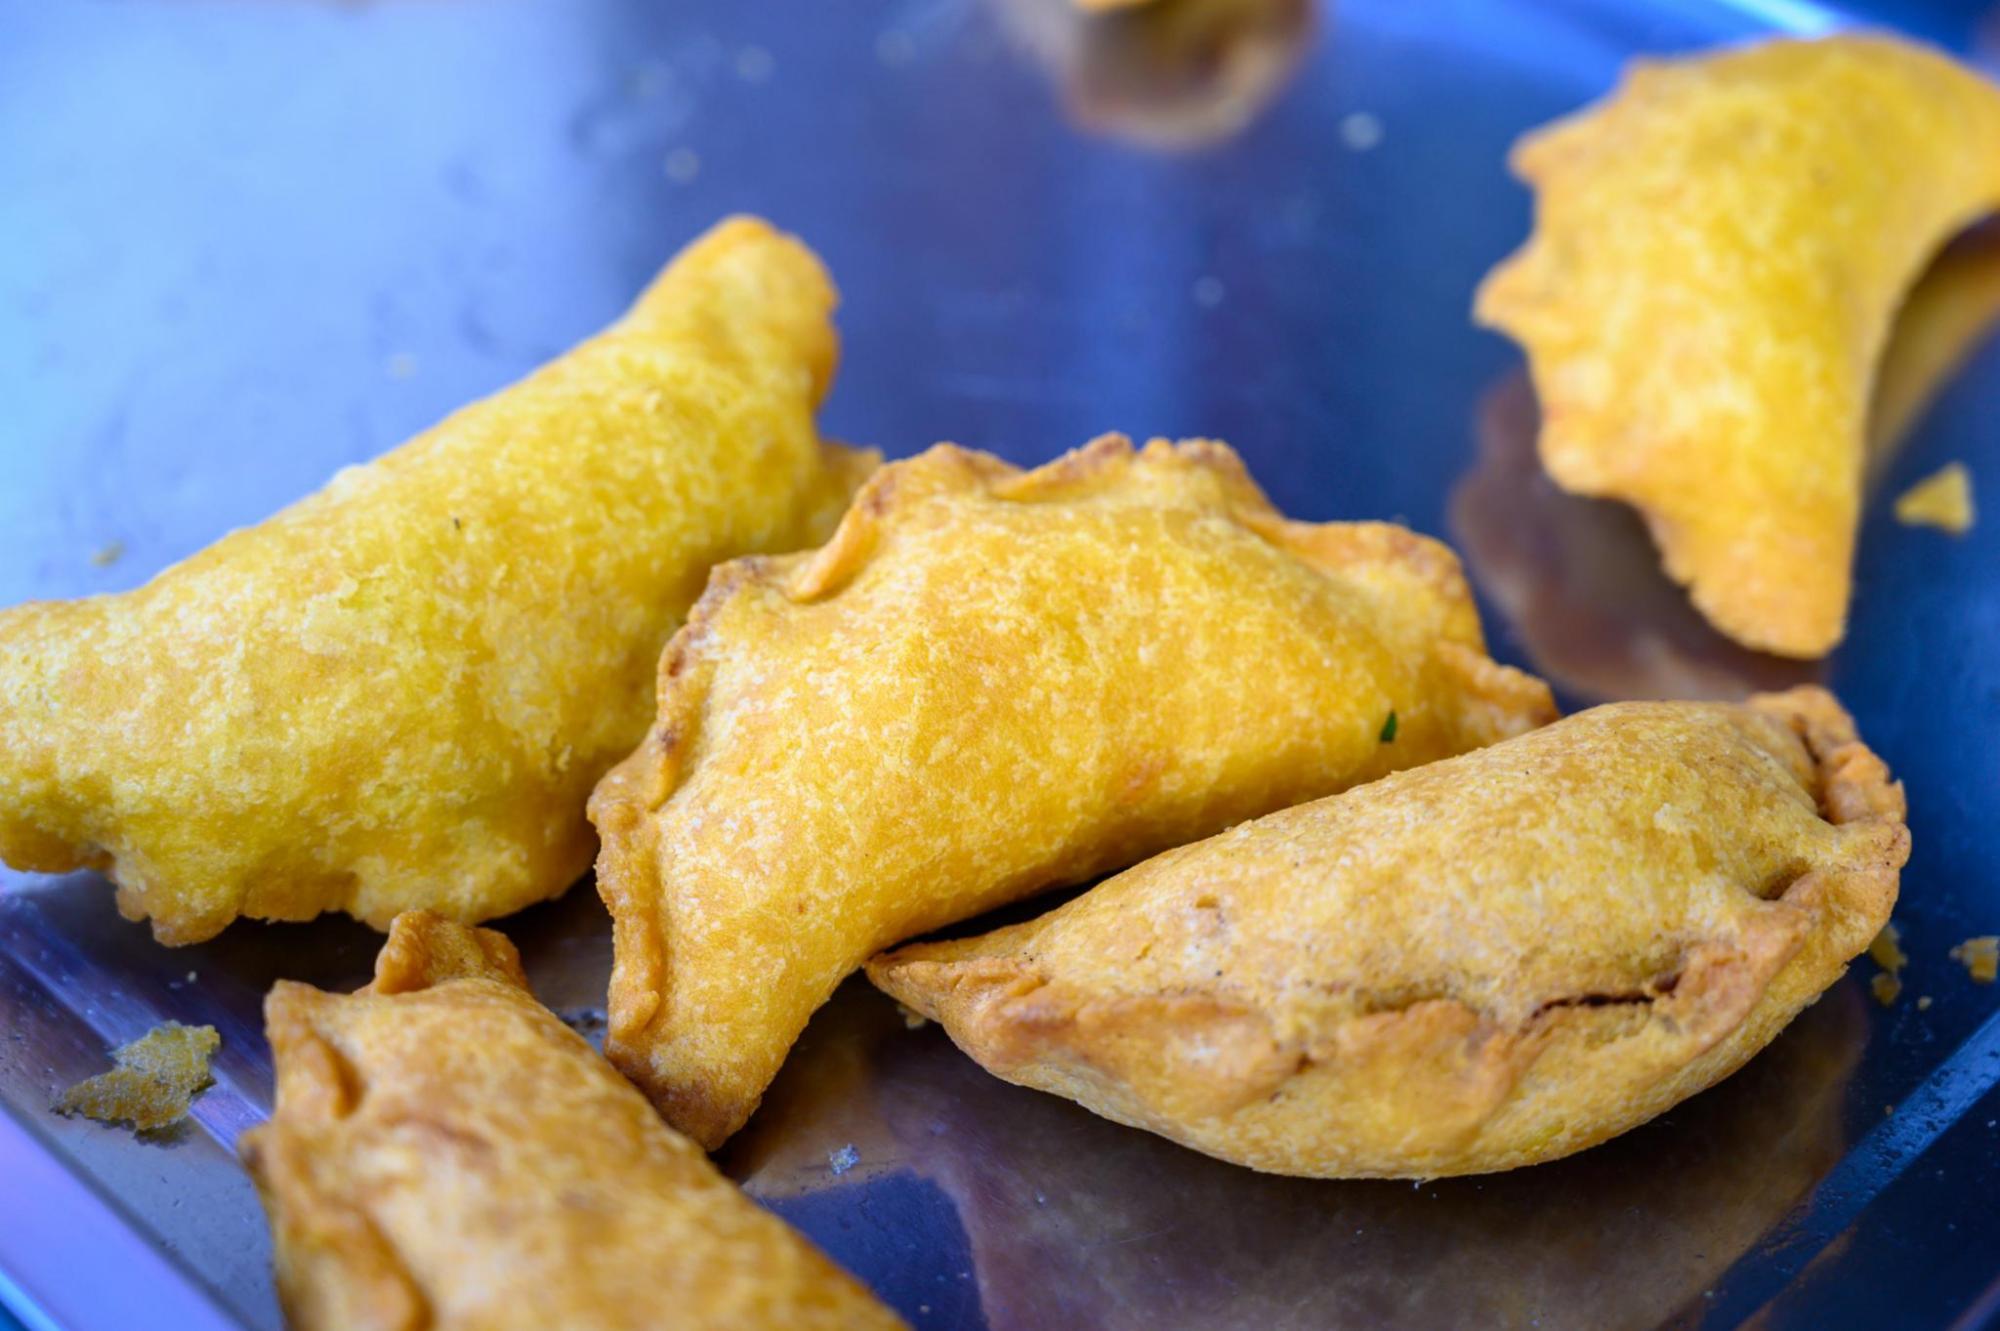 """建德梅城古镇有道""""黑暗料理"""",里面裹着臭豆腐,游客表示很好吃"""